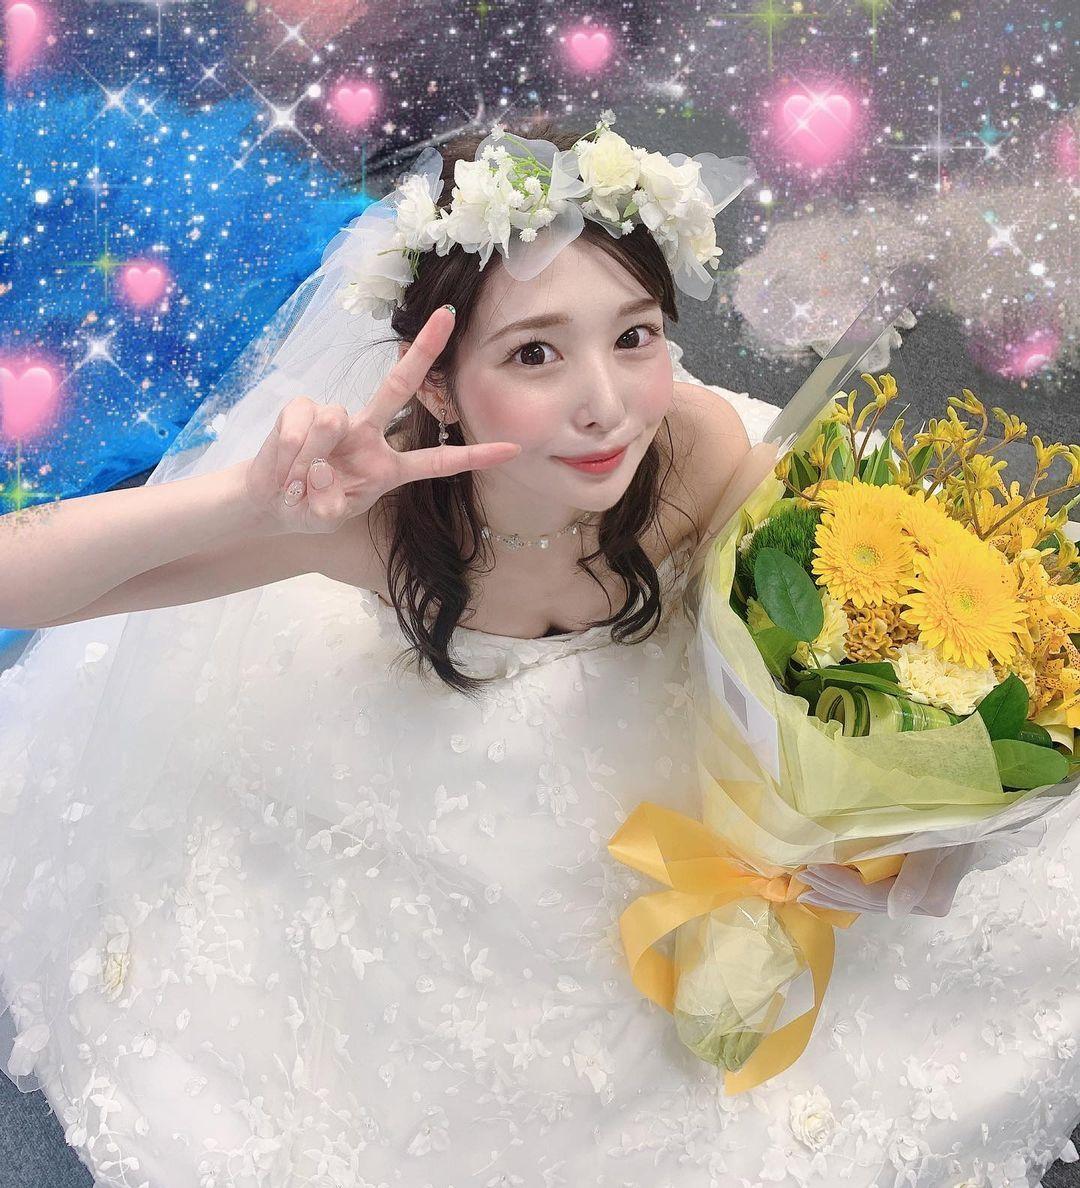 女大生「伊藤朱里」参加校园选美狂圈粉!150 cm+高颜值喷发女友感-新图包